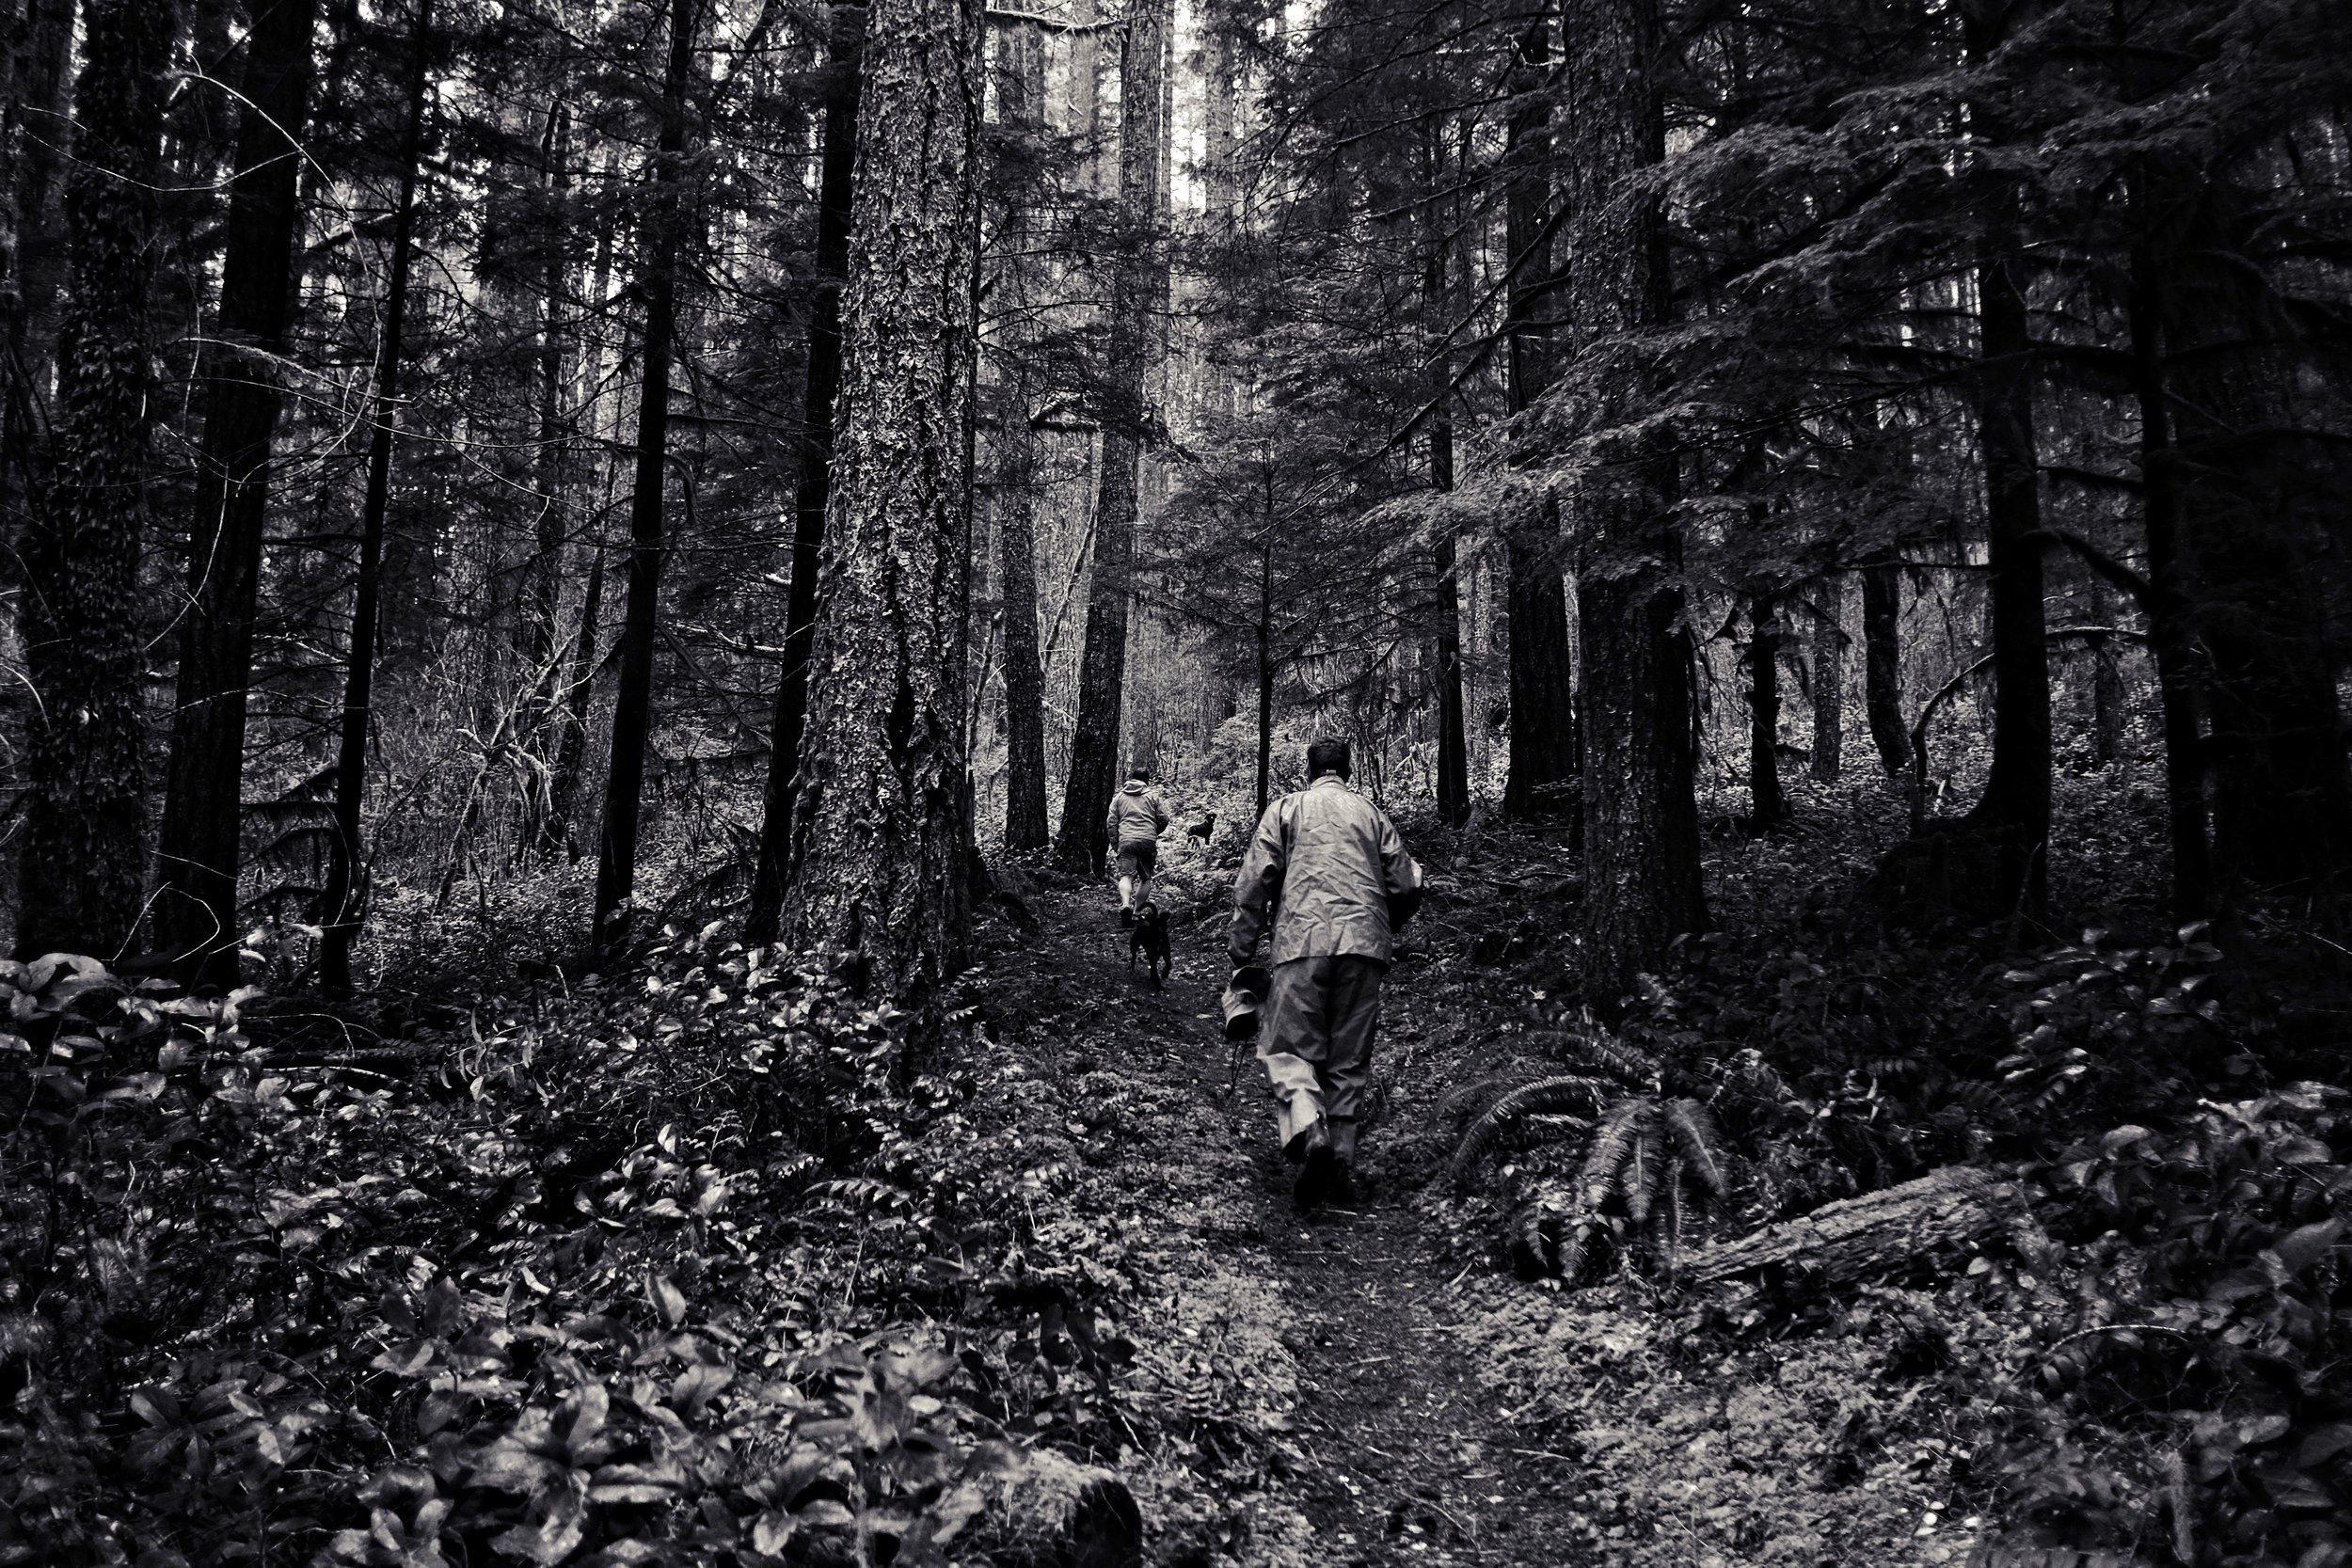 forest walk 4.jpg